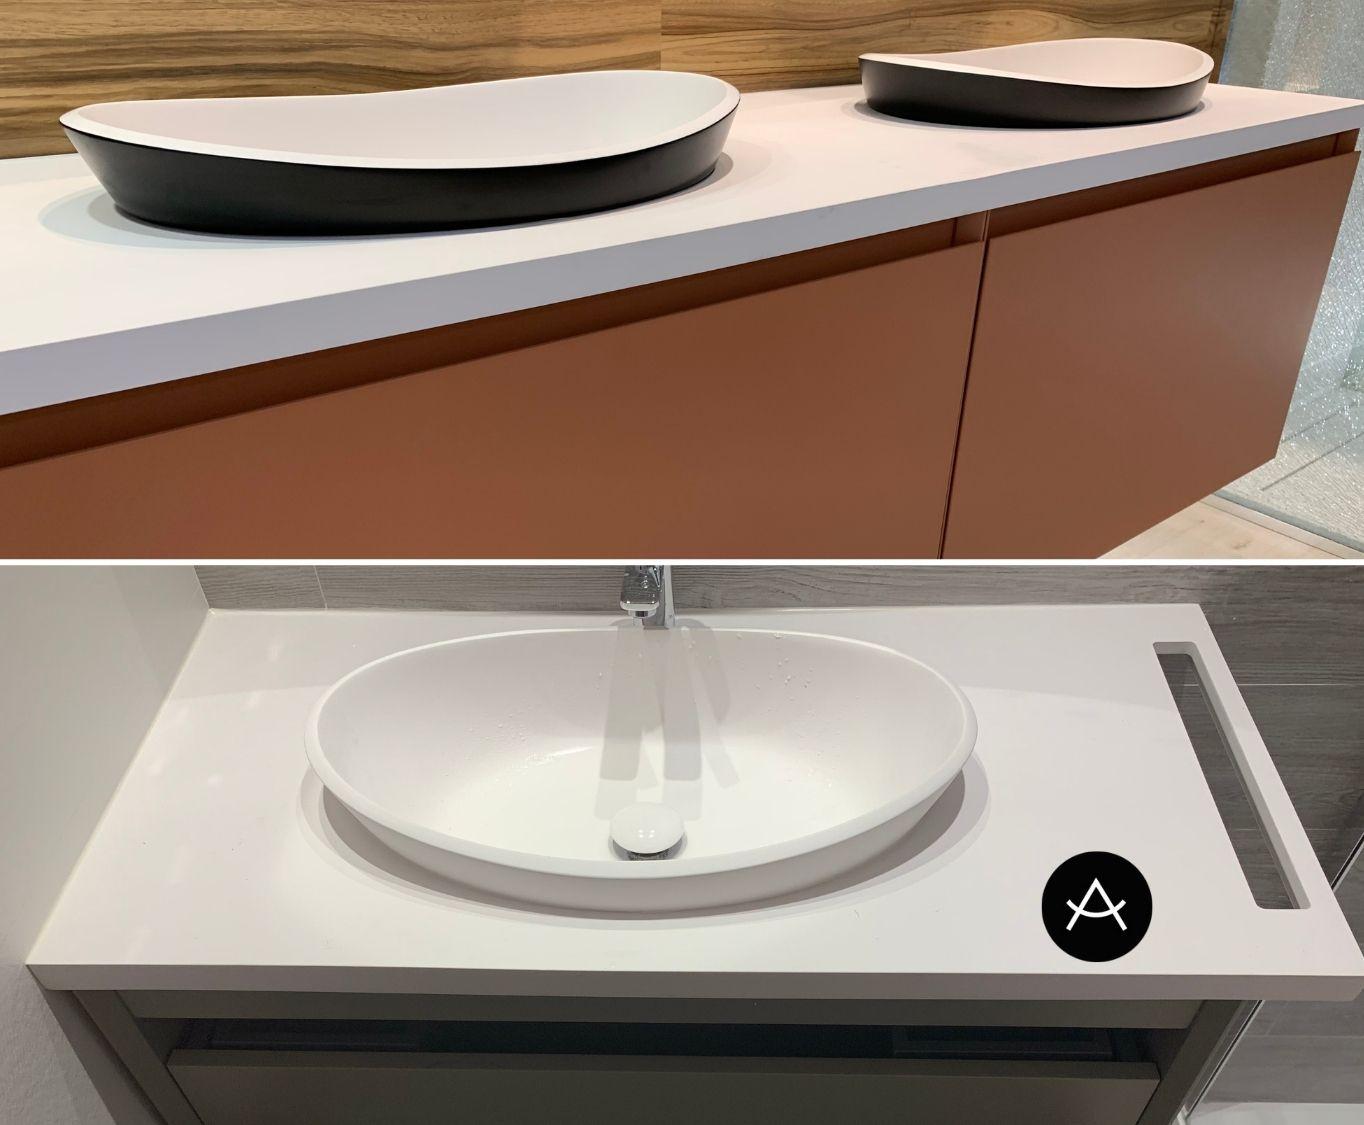 baño instalado vs expuesto